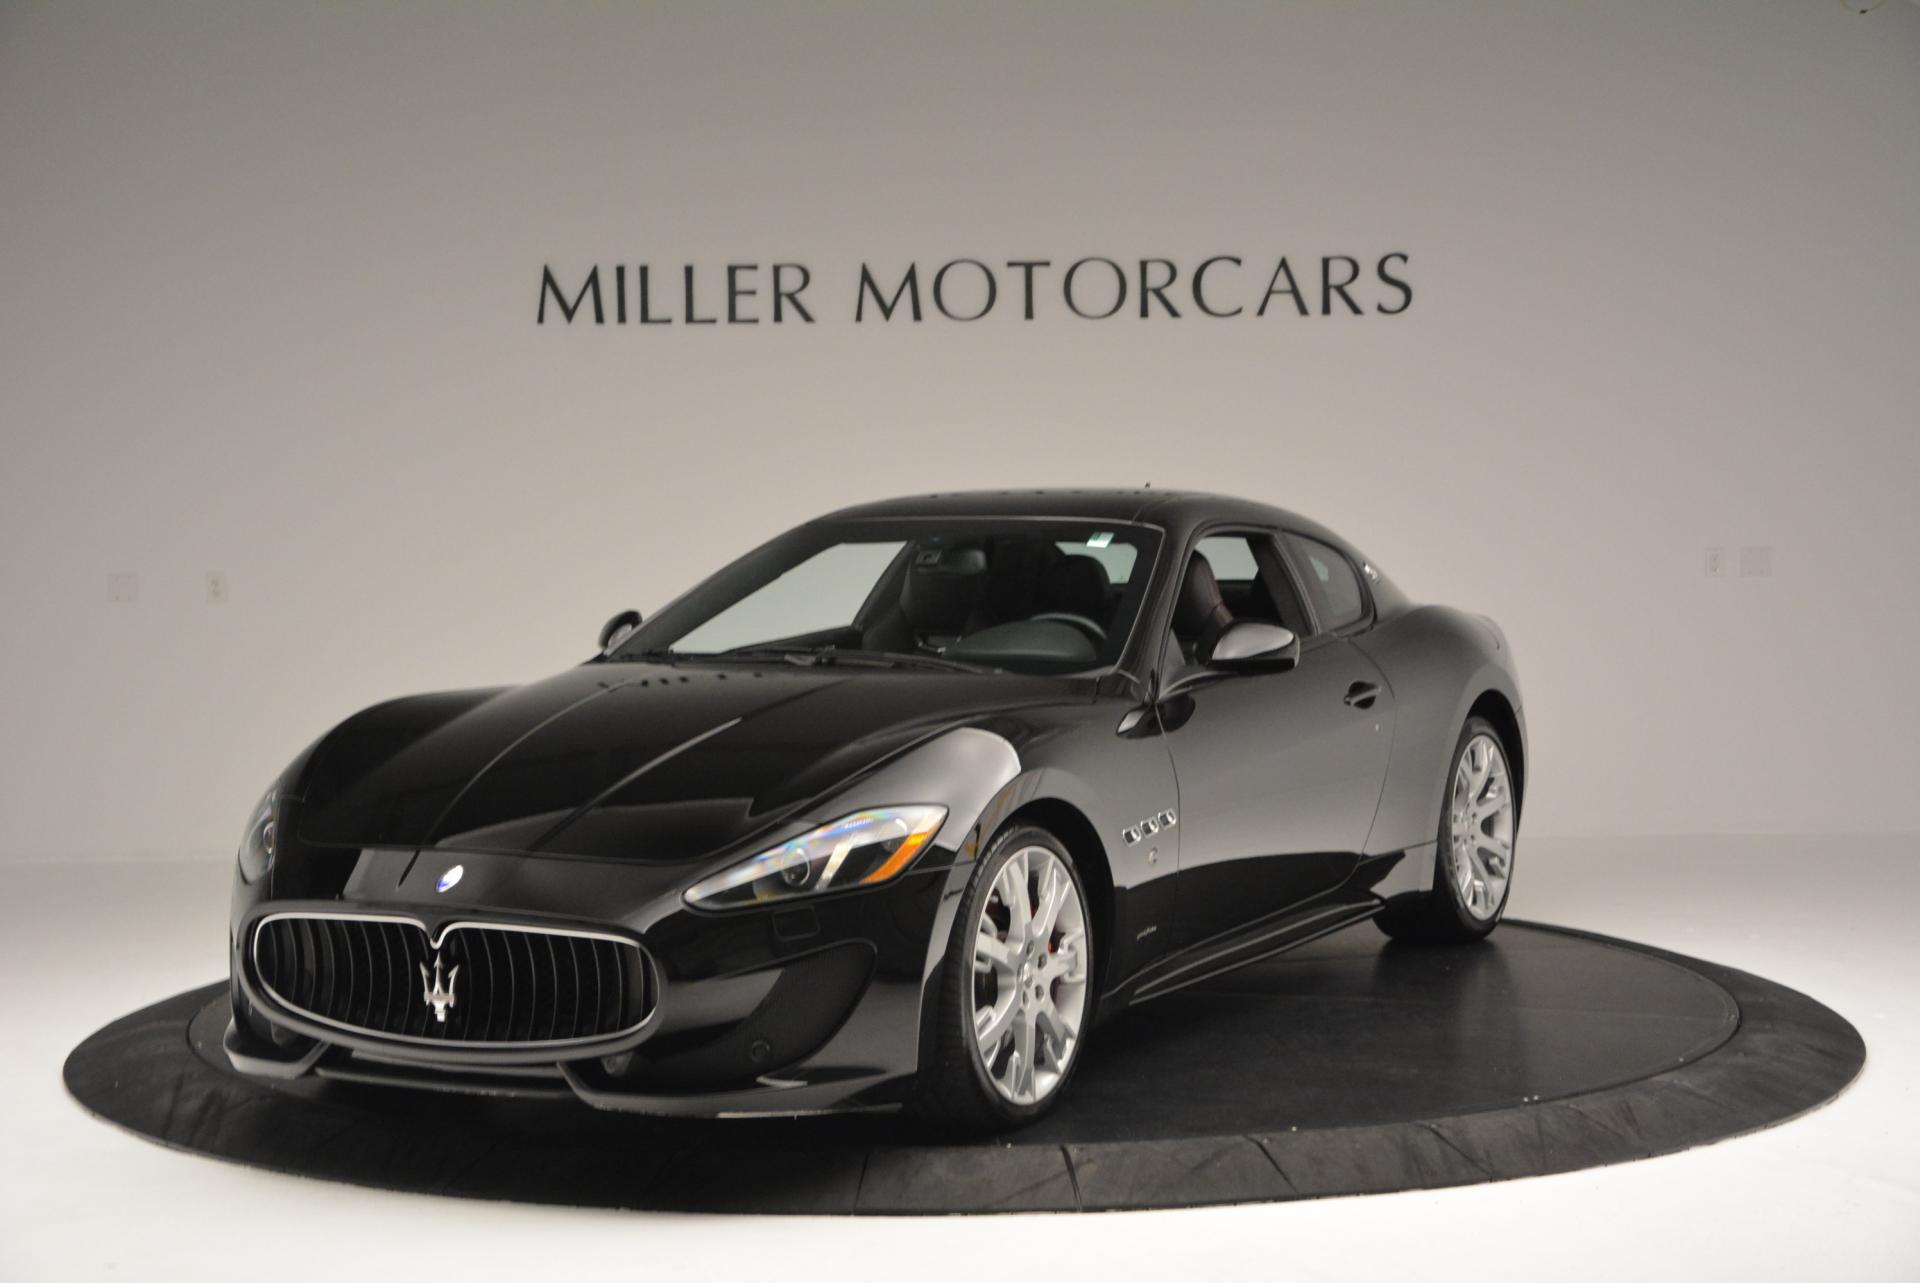 Used 2013 Maserati GranTurismo Sport For Sale In Greenwich, CT 46_main